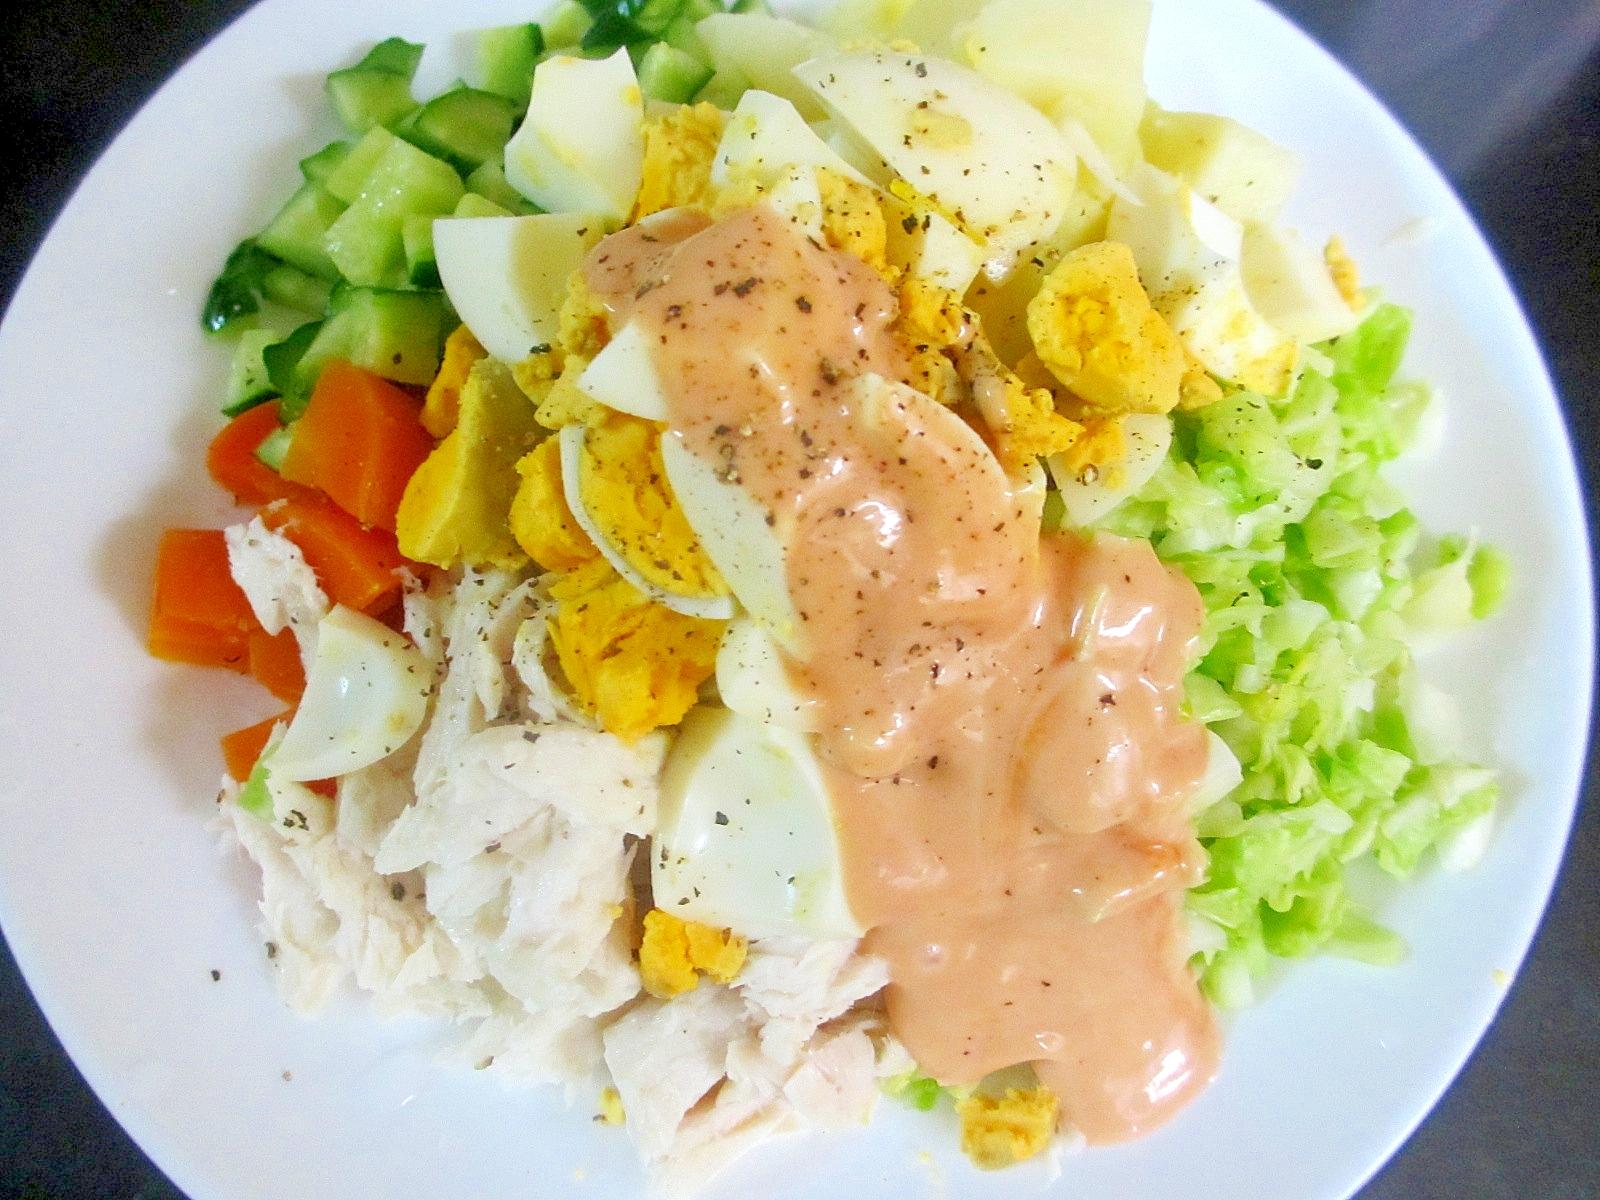 ジャガイモ、ツナ、キャベツのコブサラダ